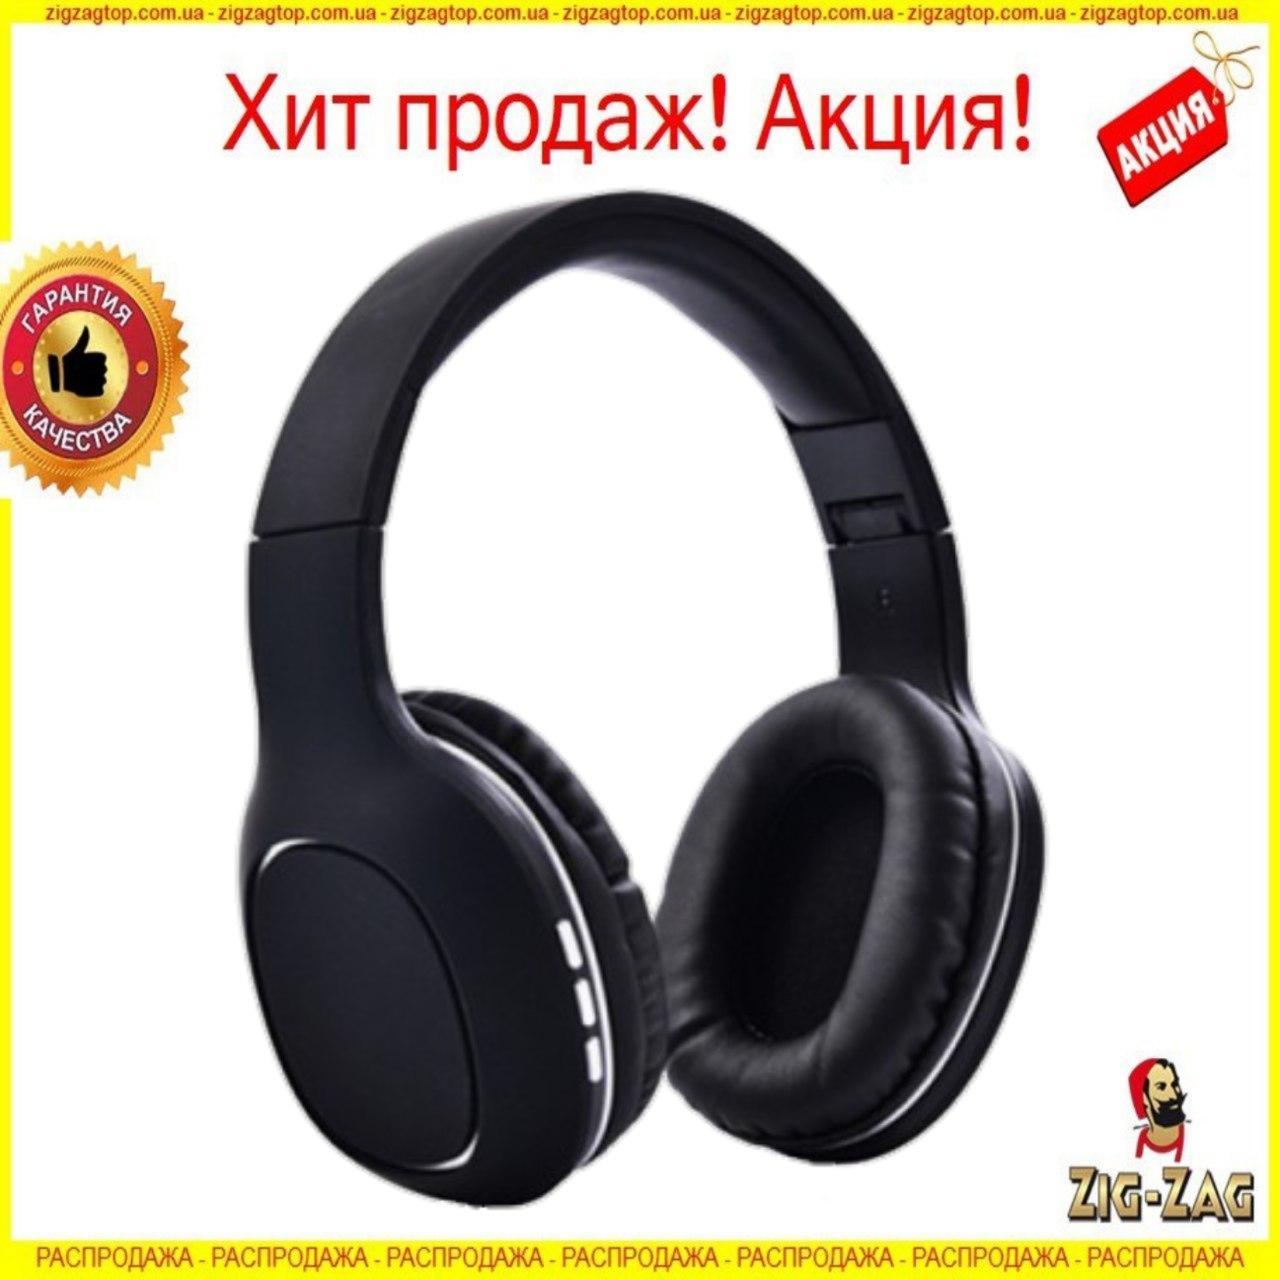 Бездротові Навушники BT 1608 Elite Edition Bluetooth без проводів, Блютуз FM MicroSD Iphone/Android навушники